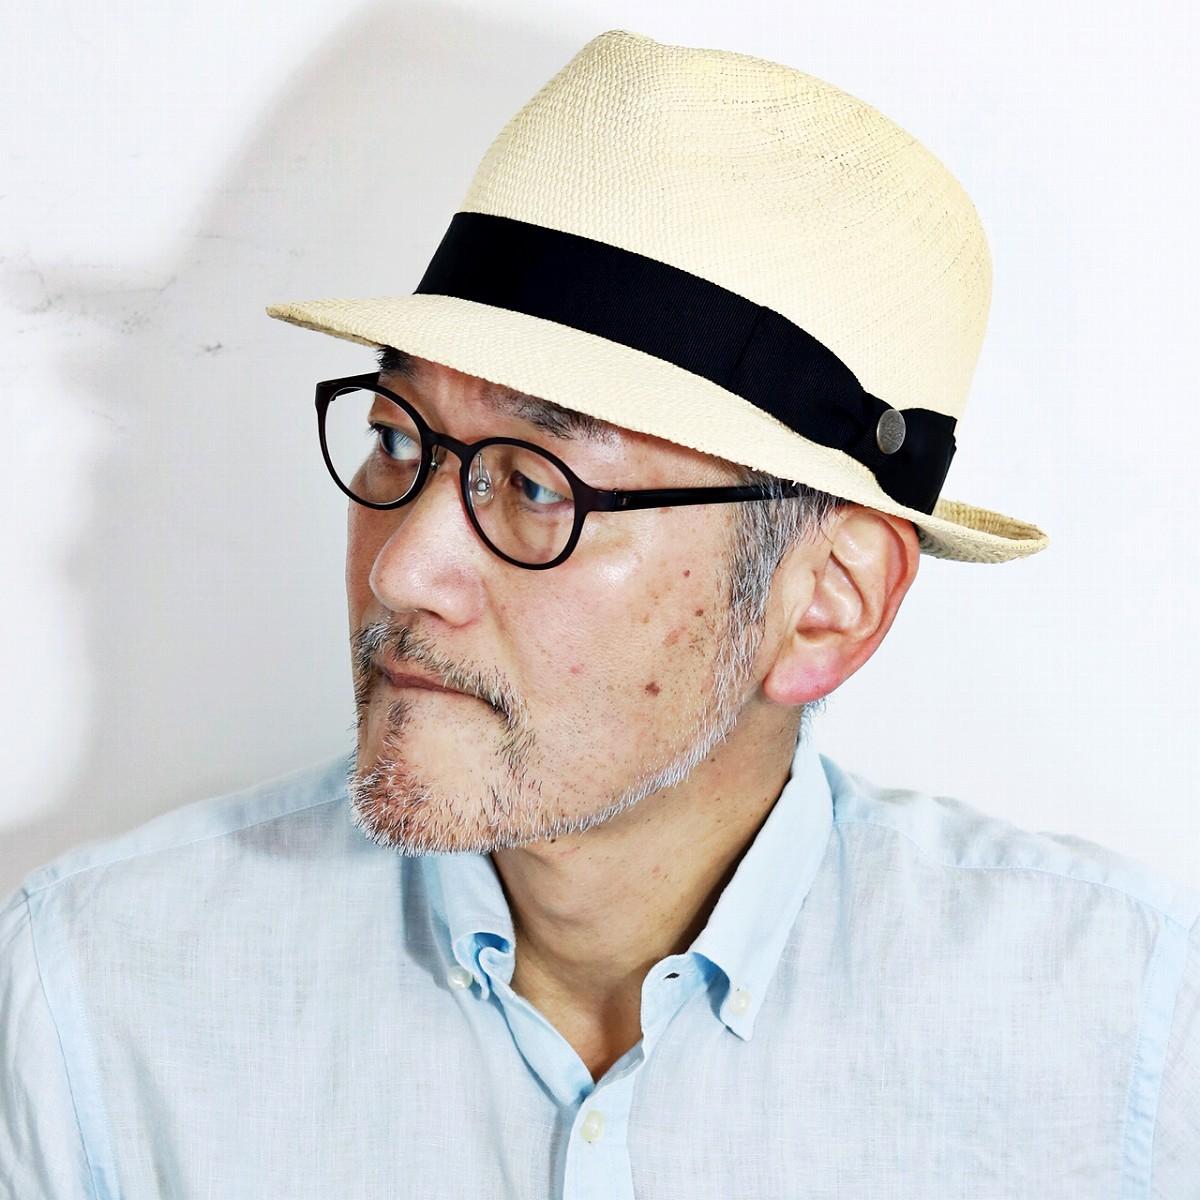 パナマハット メンズ 夏 日本製 ステットソン 帽子 ブランド ハット 中折れハット パナマ草100% STETSON パナマ帽 紳士 60cm サイズ調整 黒リボン / ナチュラル [ fedora ] [ panama hat ] 父の日 ギフト 誕生日 プレゼント